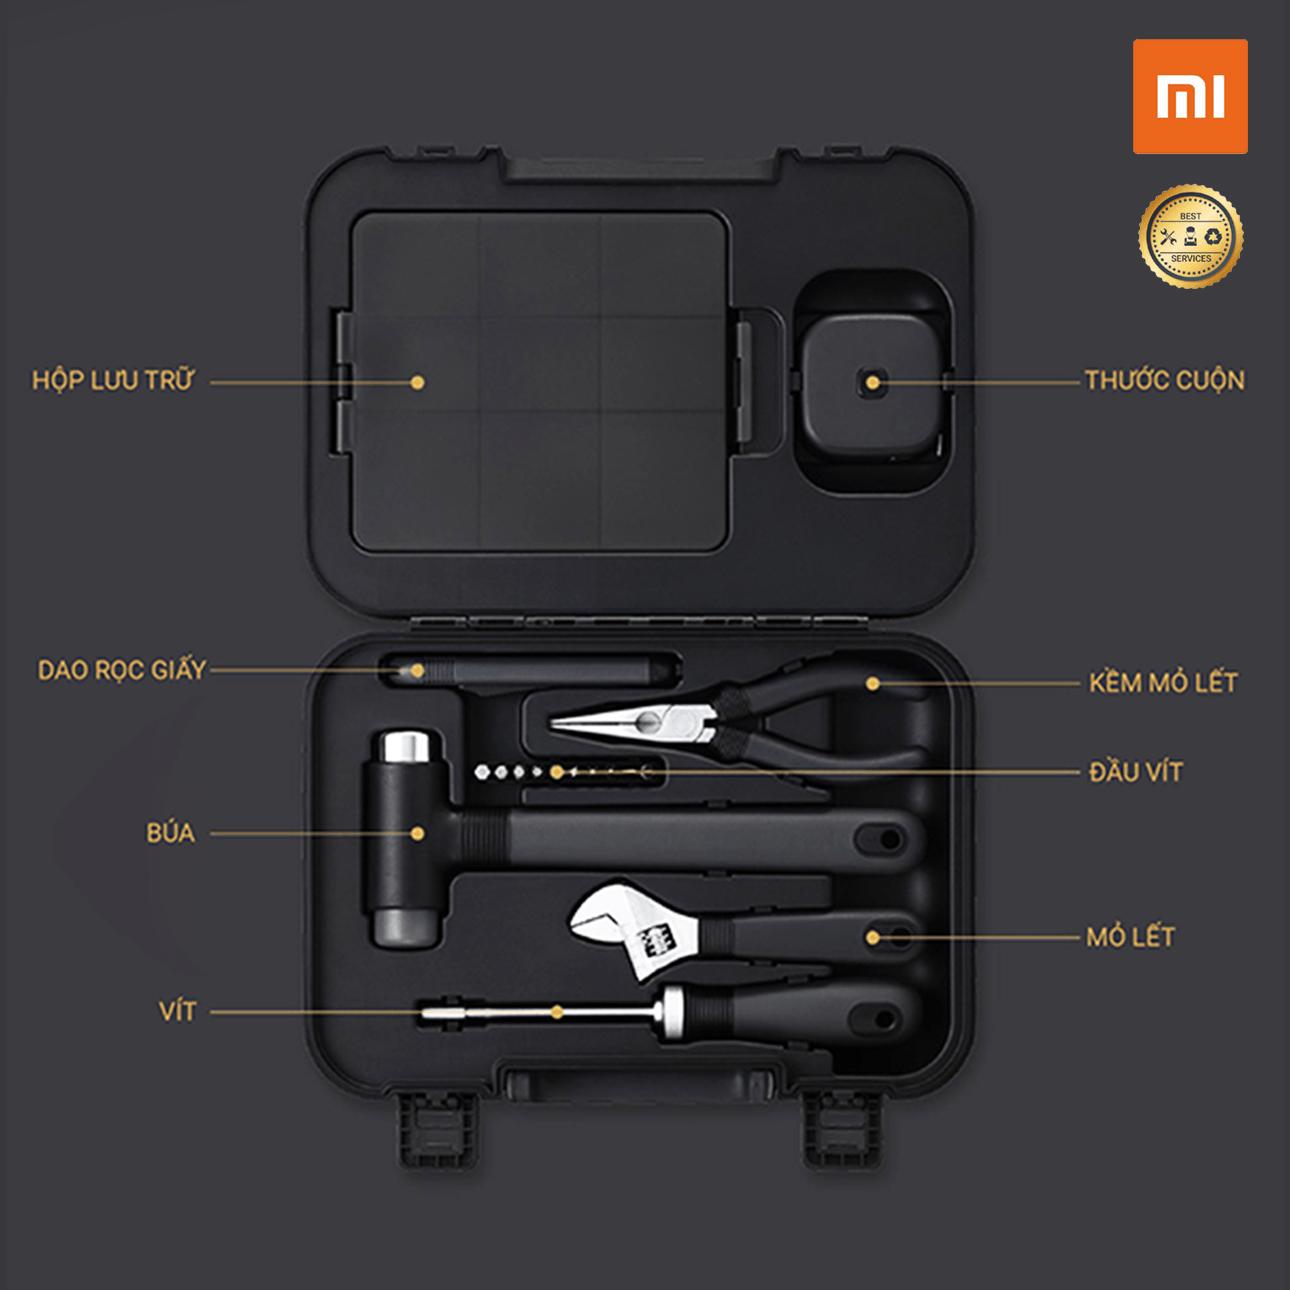 Bộ Dụng Cụ Sửa Chữa Nhà 17 Món MWTK01 Xiaomi Miwu Toolbox